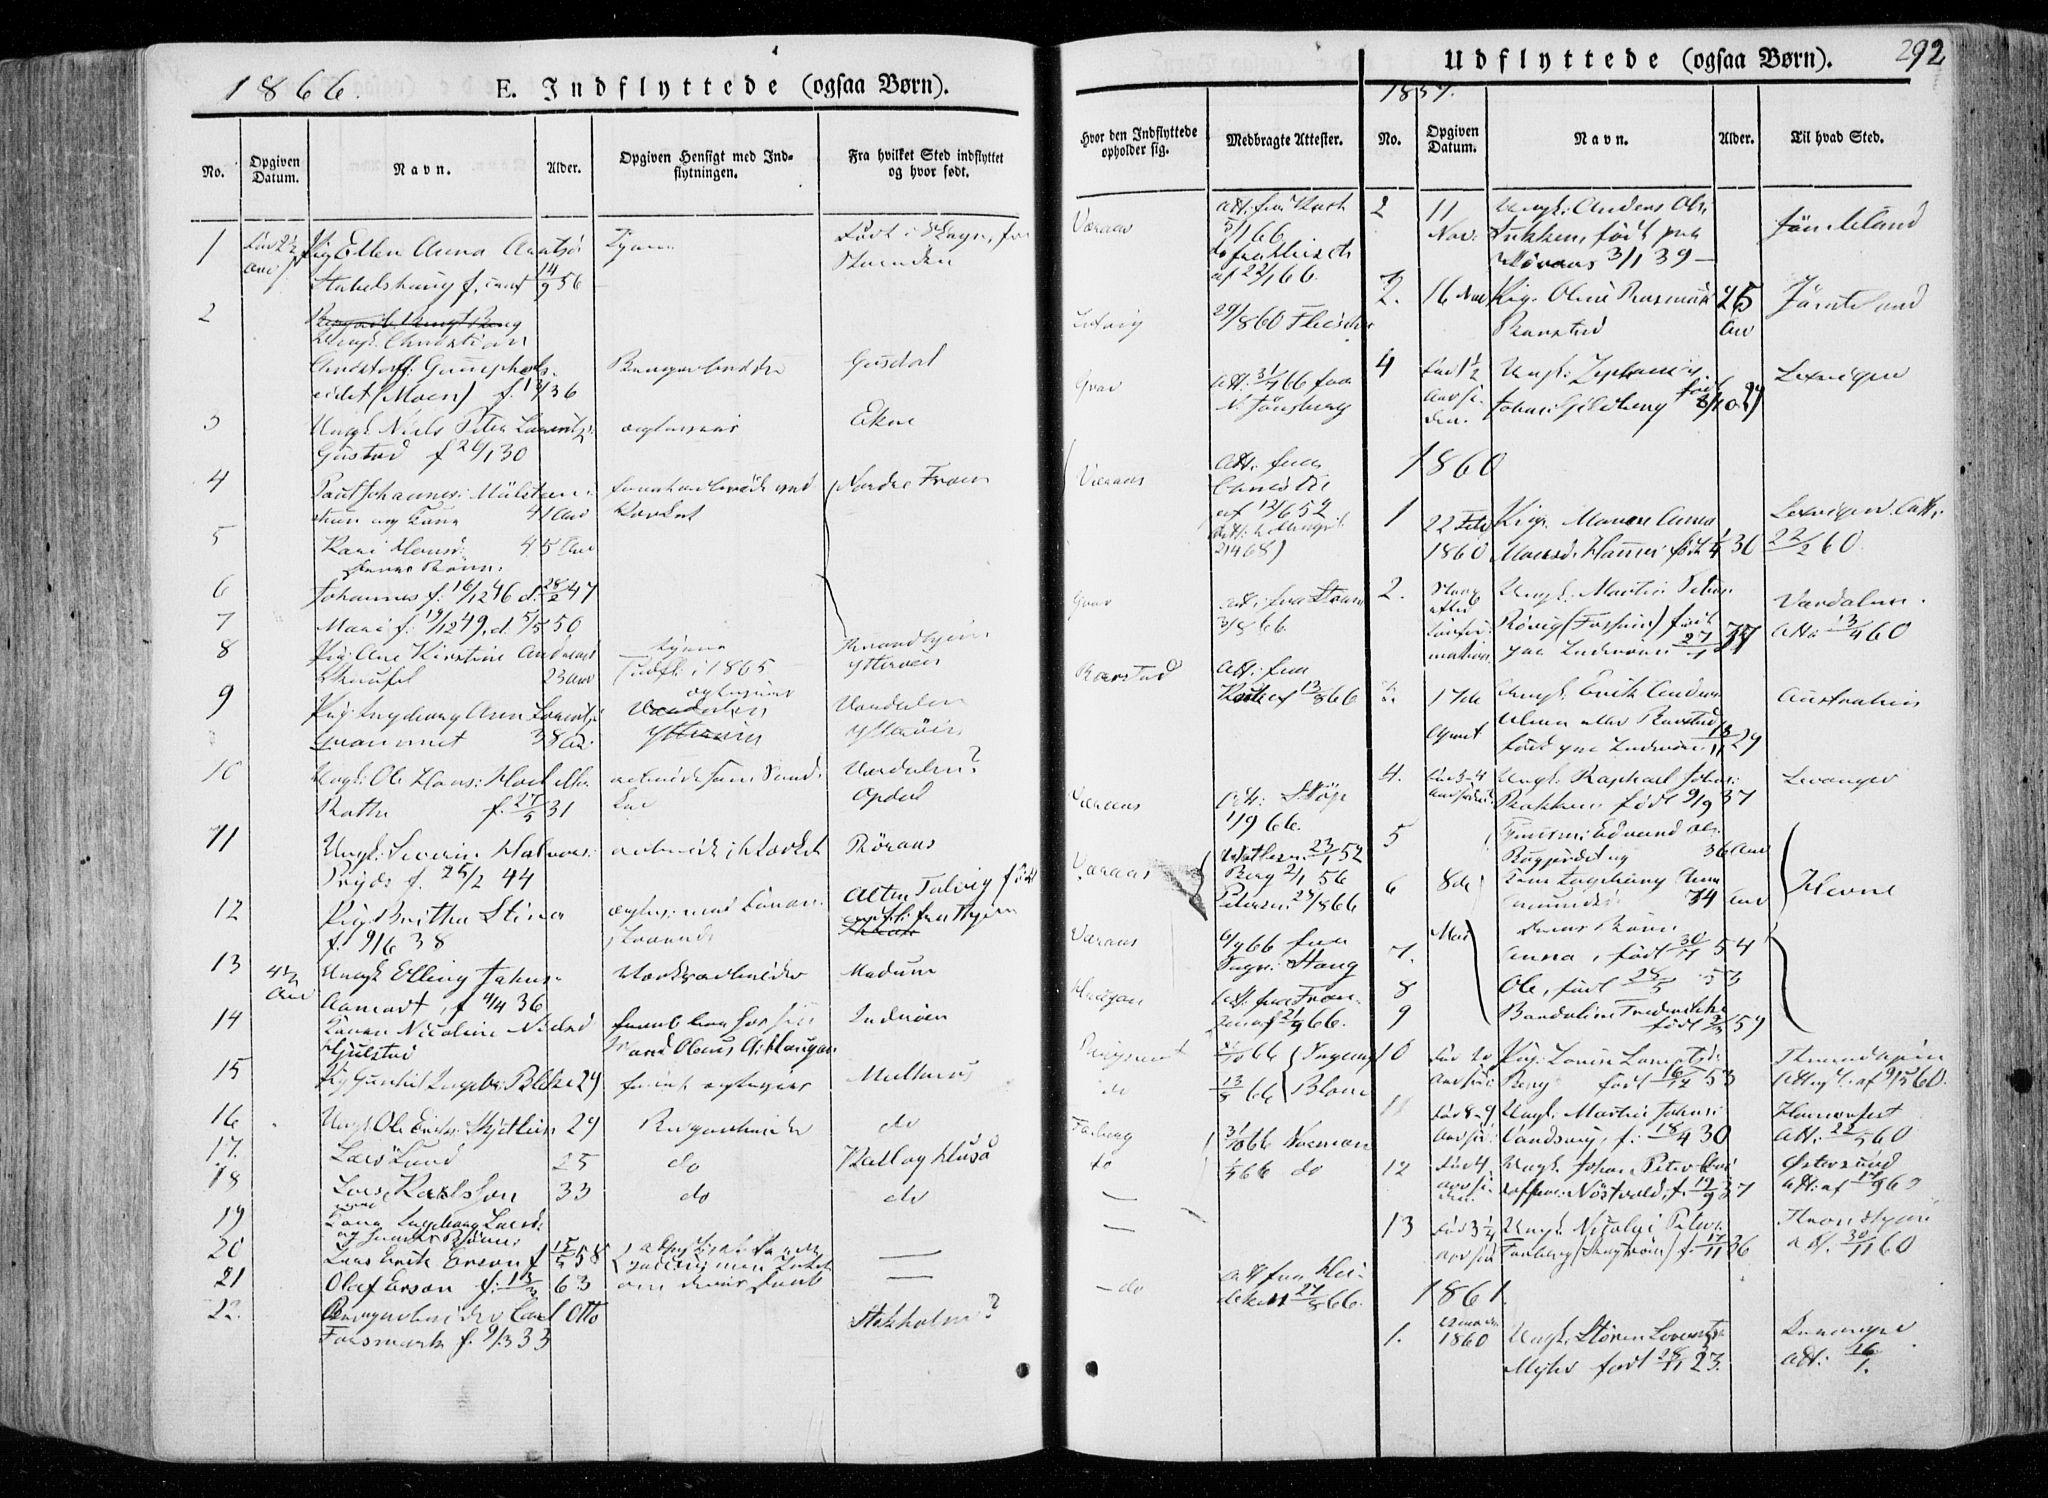 SAT, Ministerialprotokoller, klokkerbøker og fødselsregistre - Nord-Trøndelag, 722/L0218: Ministerialbok nr. 722A05, 1843-1868, s. 292